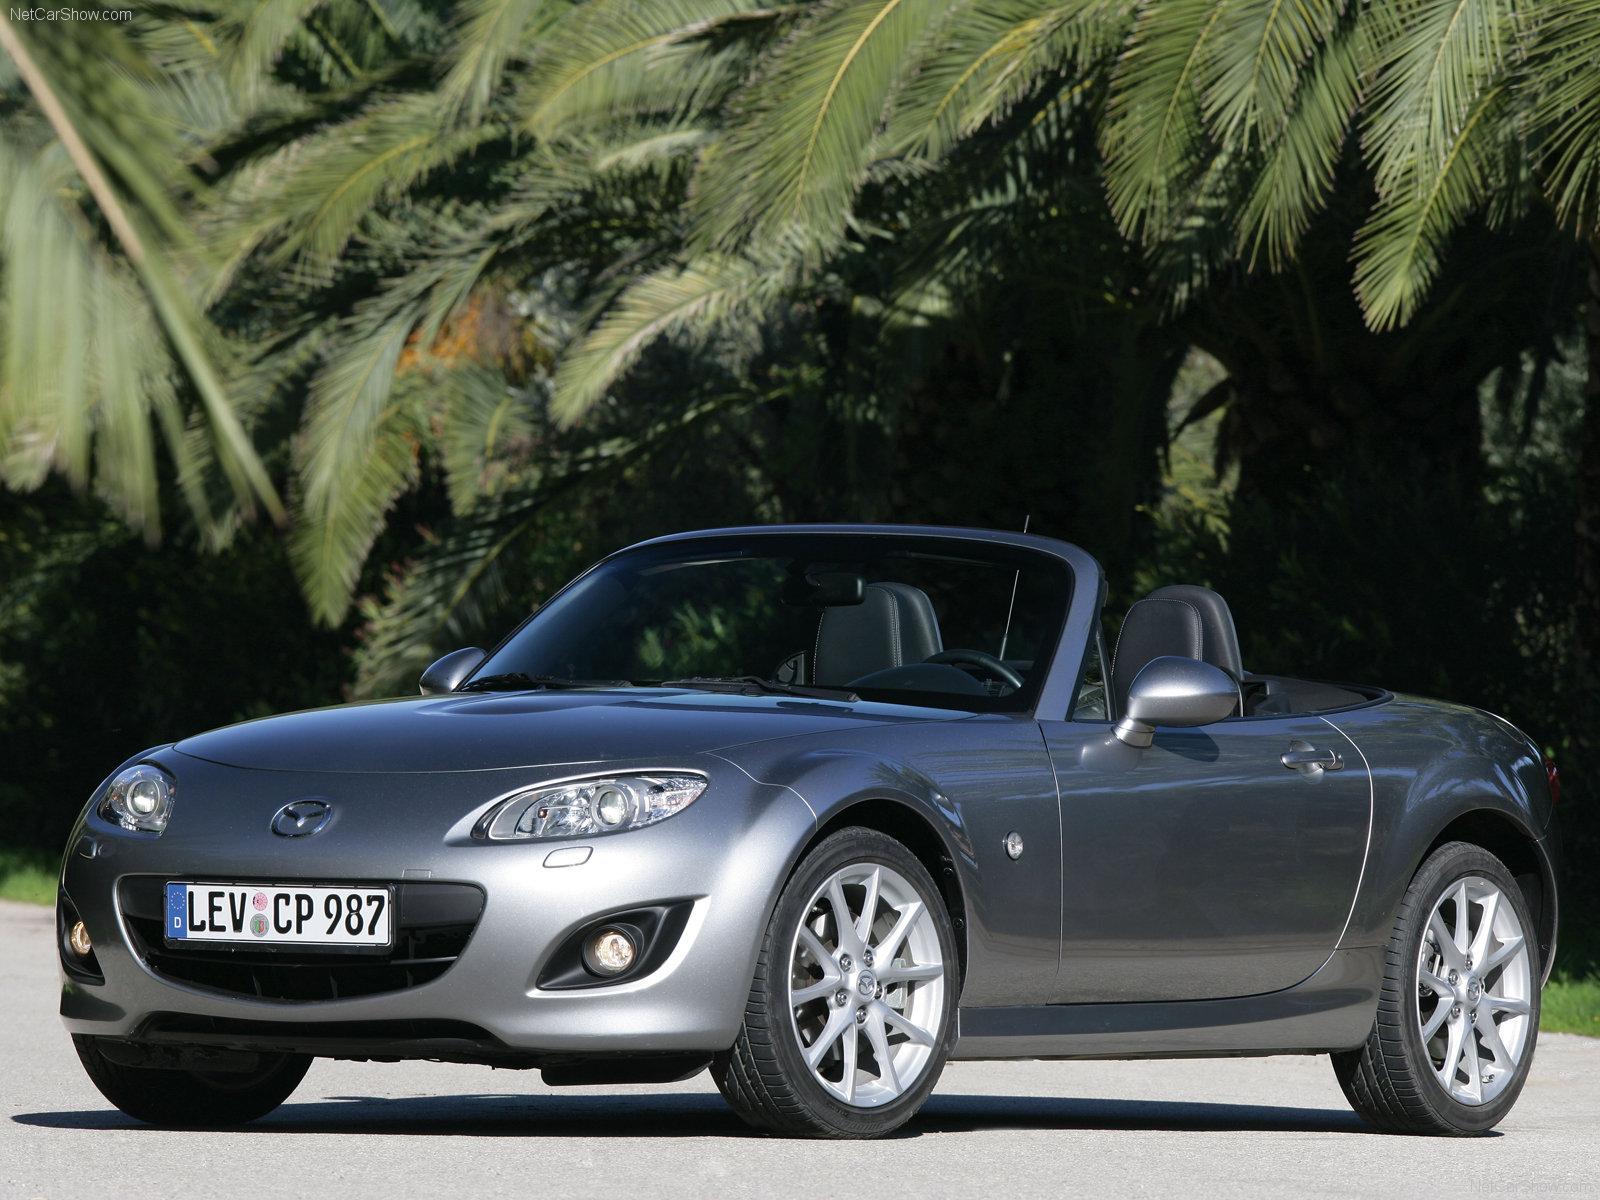 Mazda Mx 5 Pagenstecher De Deine Automeile Im Netz